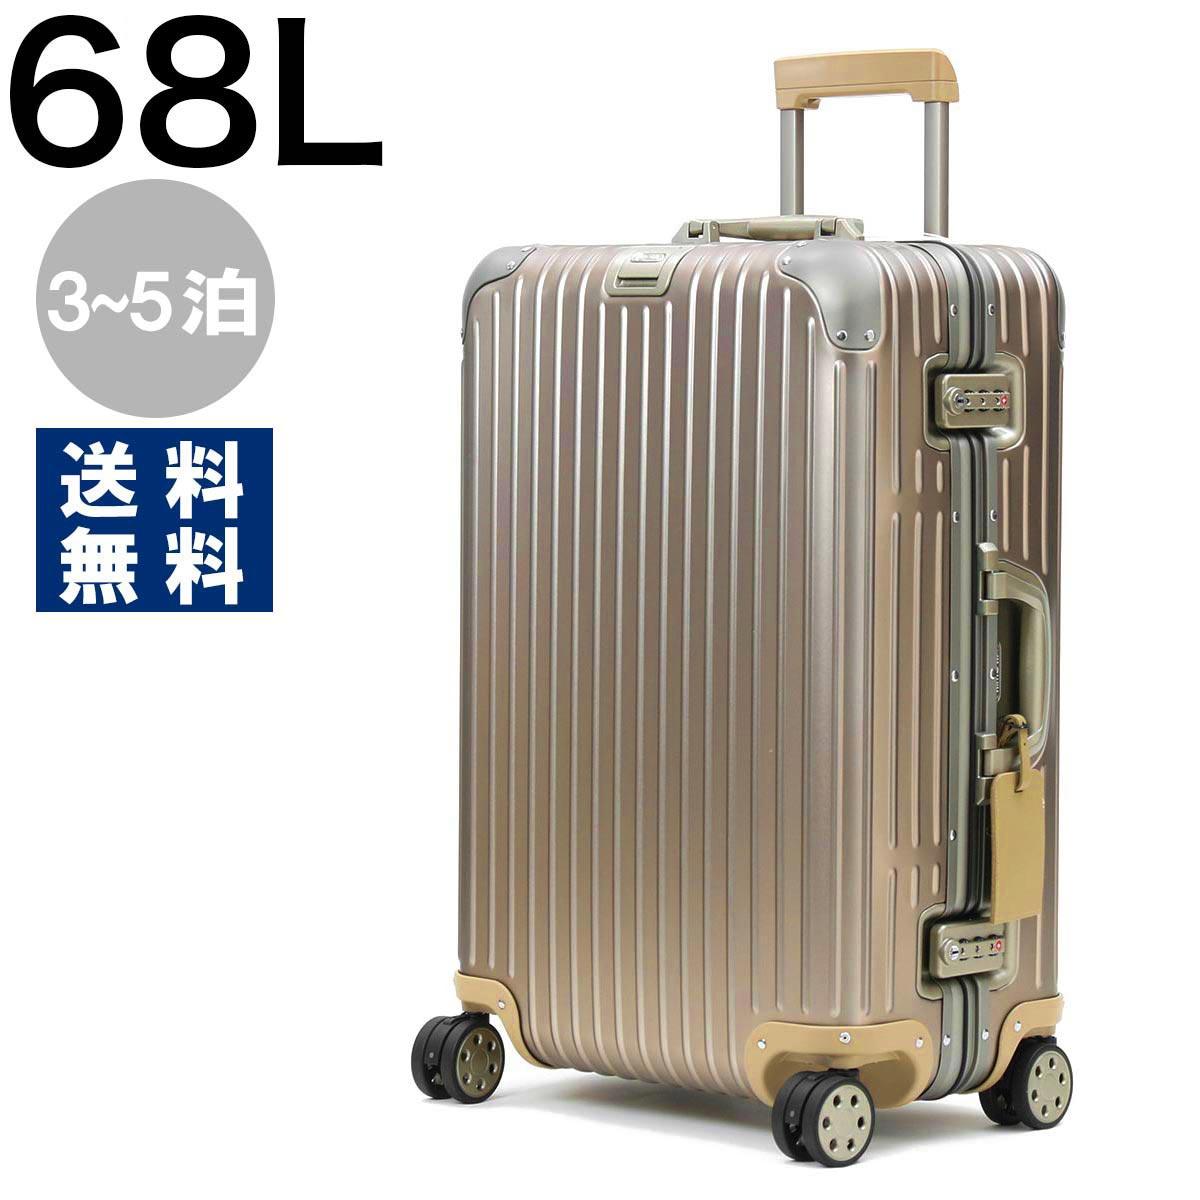 リモワ スーツケース/旅行用バッグ バッグ メンズ レディース トパーズ チタニウム 68L 3~5泊 シャンパンゴールド 924.63.03.4 RIMOWA